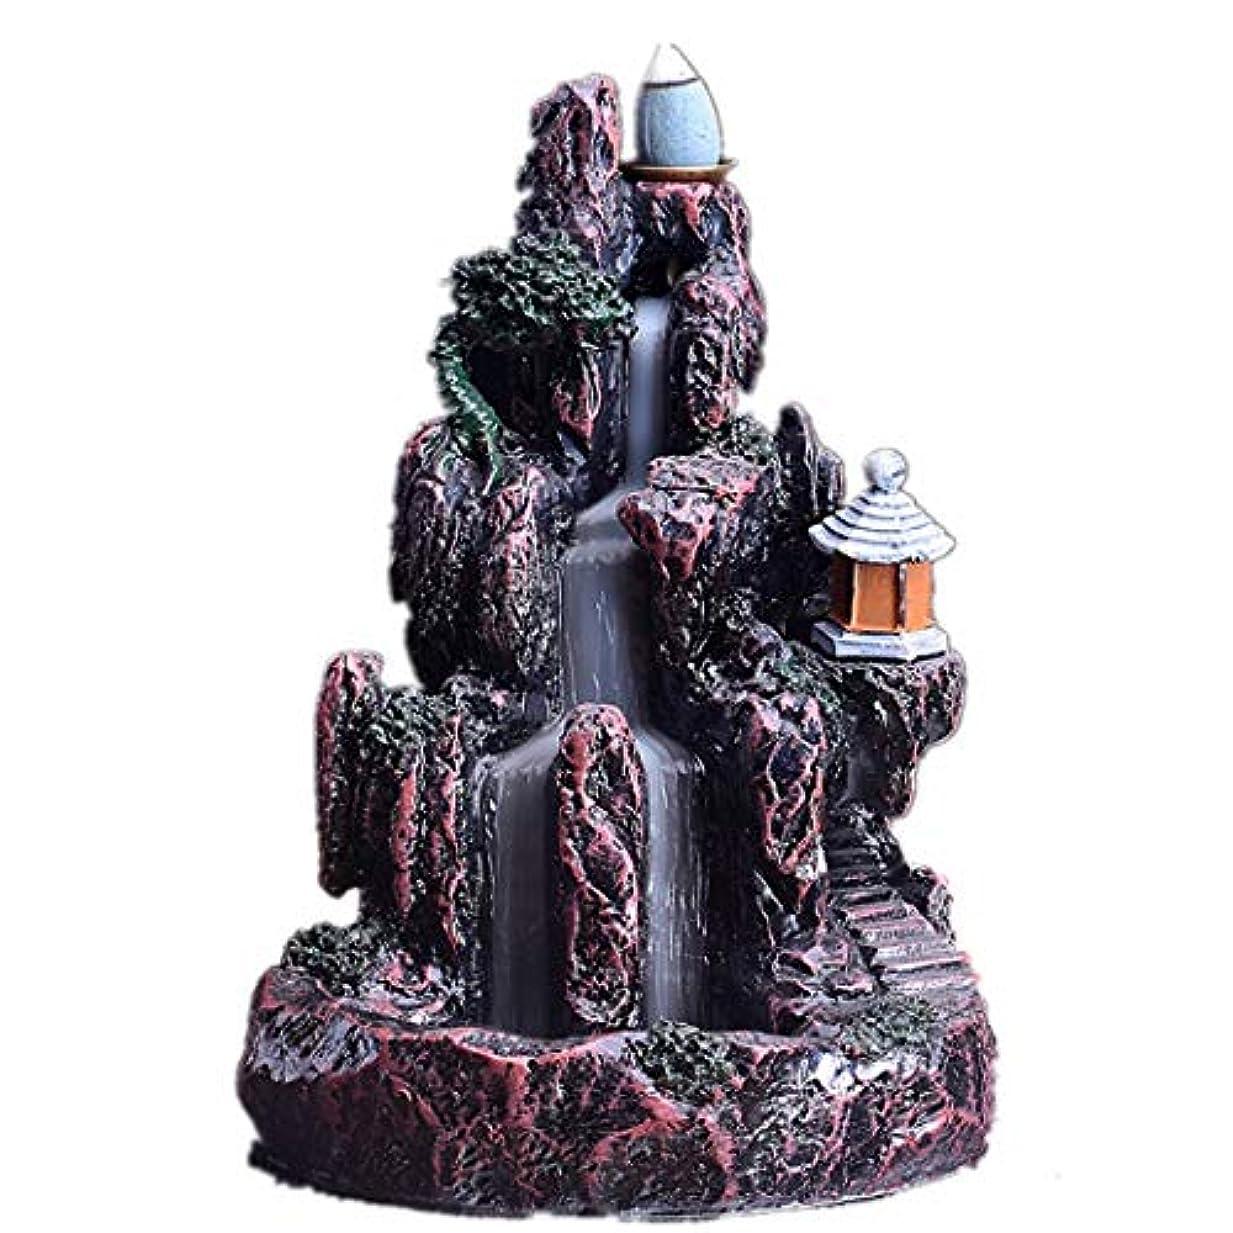 アナウンサーデクリメント泣き叫ぶXPPXPP Backflow Incense Burner, Household Ceramic Returning Cone-shaped Candlestick Burner